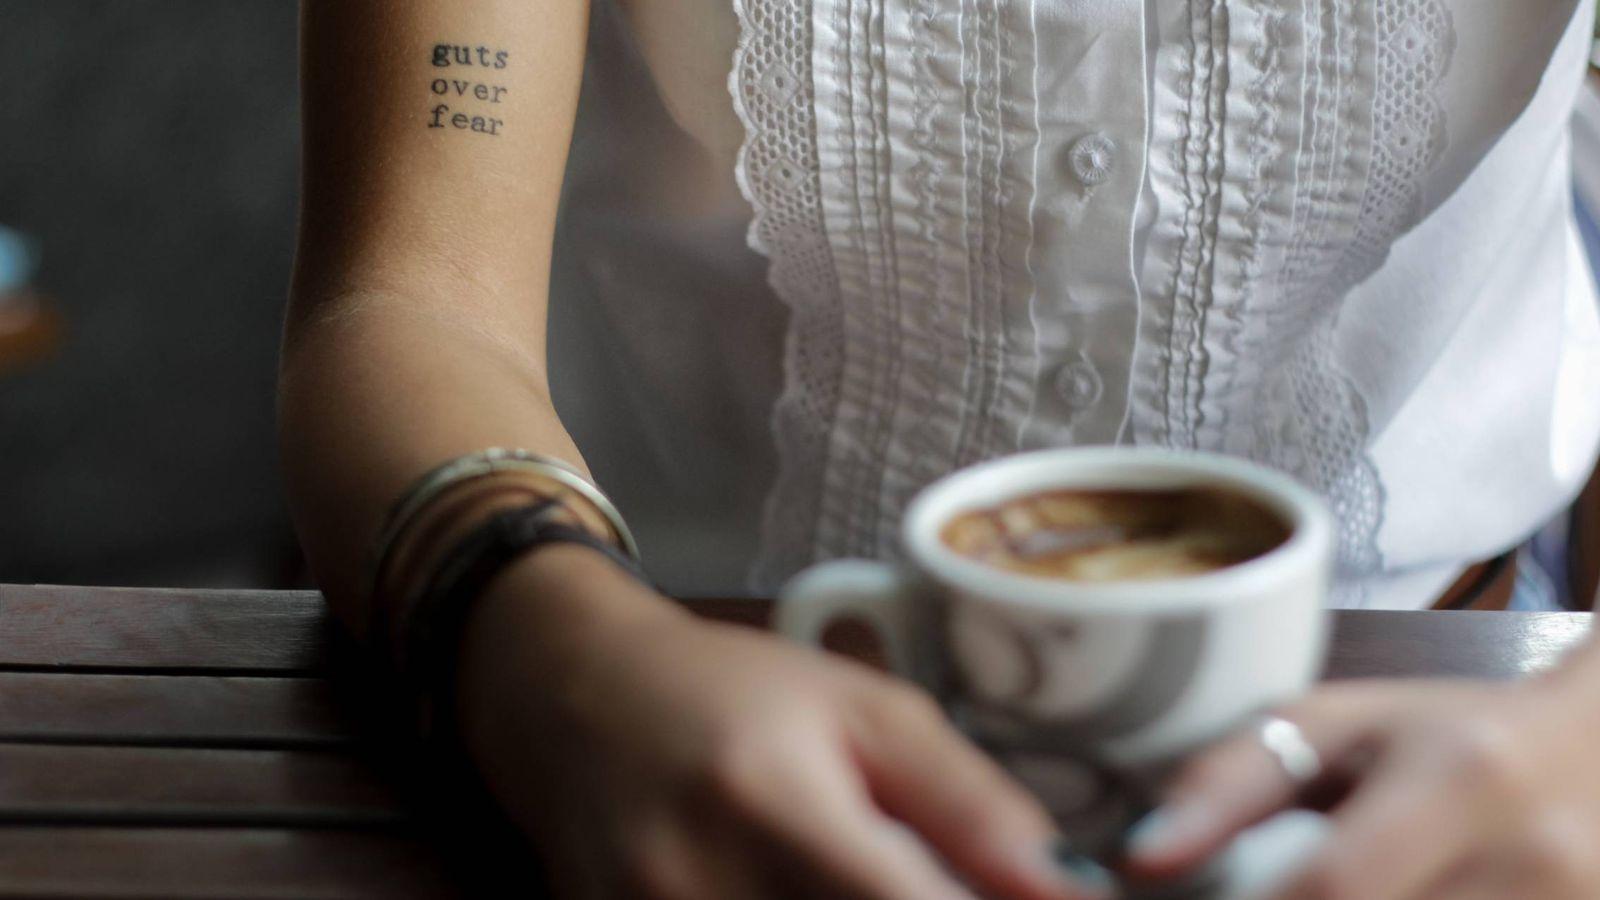 Foto: El tatuaje de moda. (Unsplash)